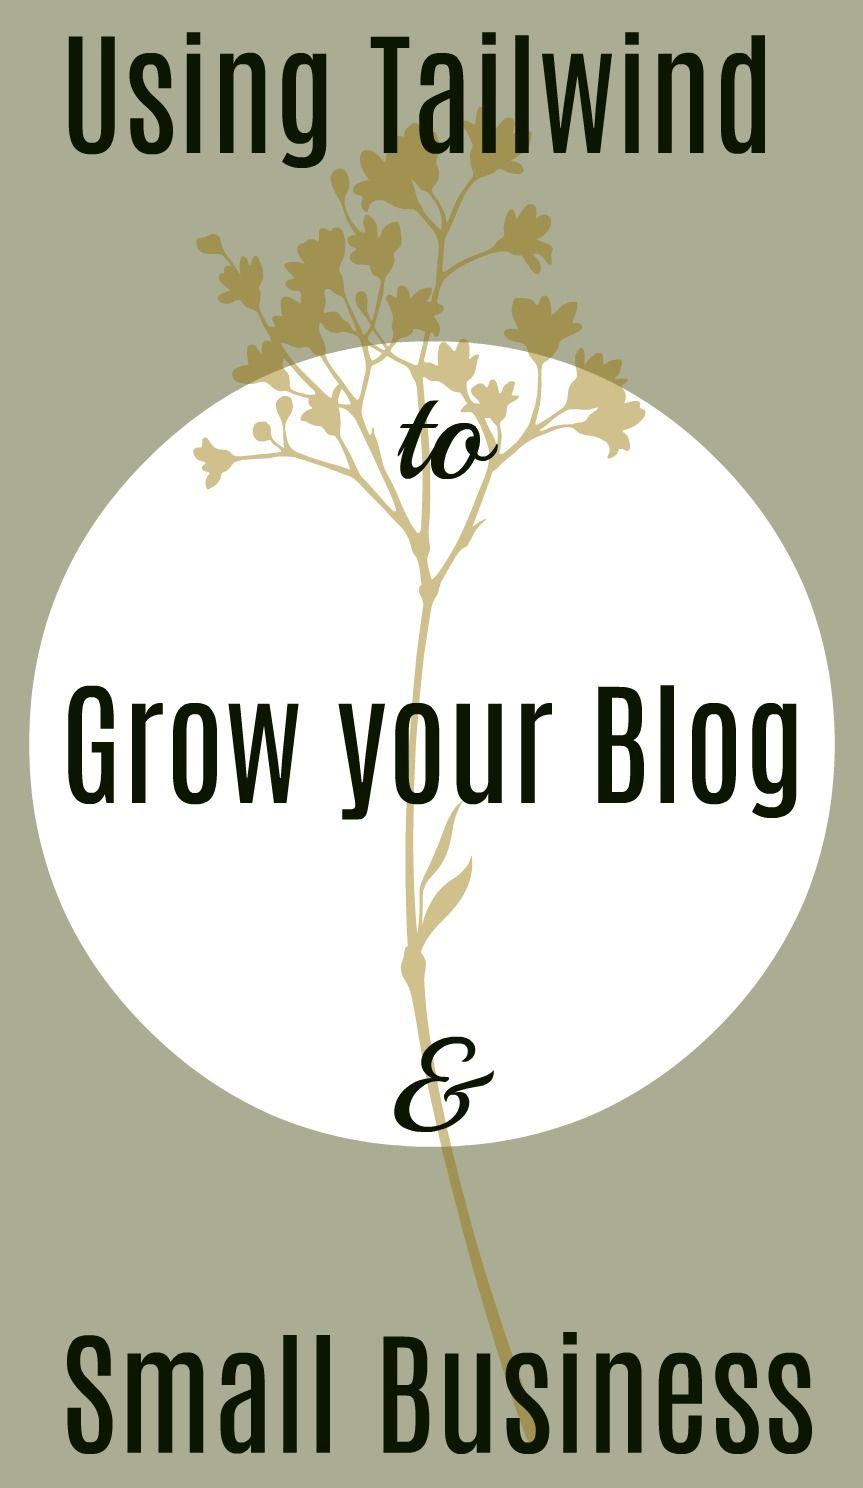 Why You Should Be Using Tailwind For Pinterest Aye Lined Uk Scottish Beauty Lifestyle Blog Pinterest Small Business Small Business Help Small Business Marketing